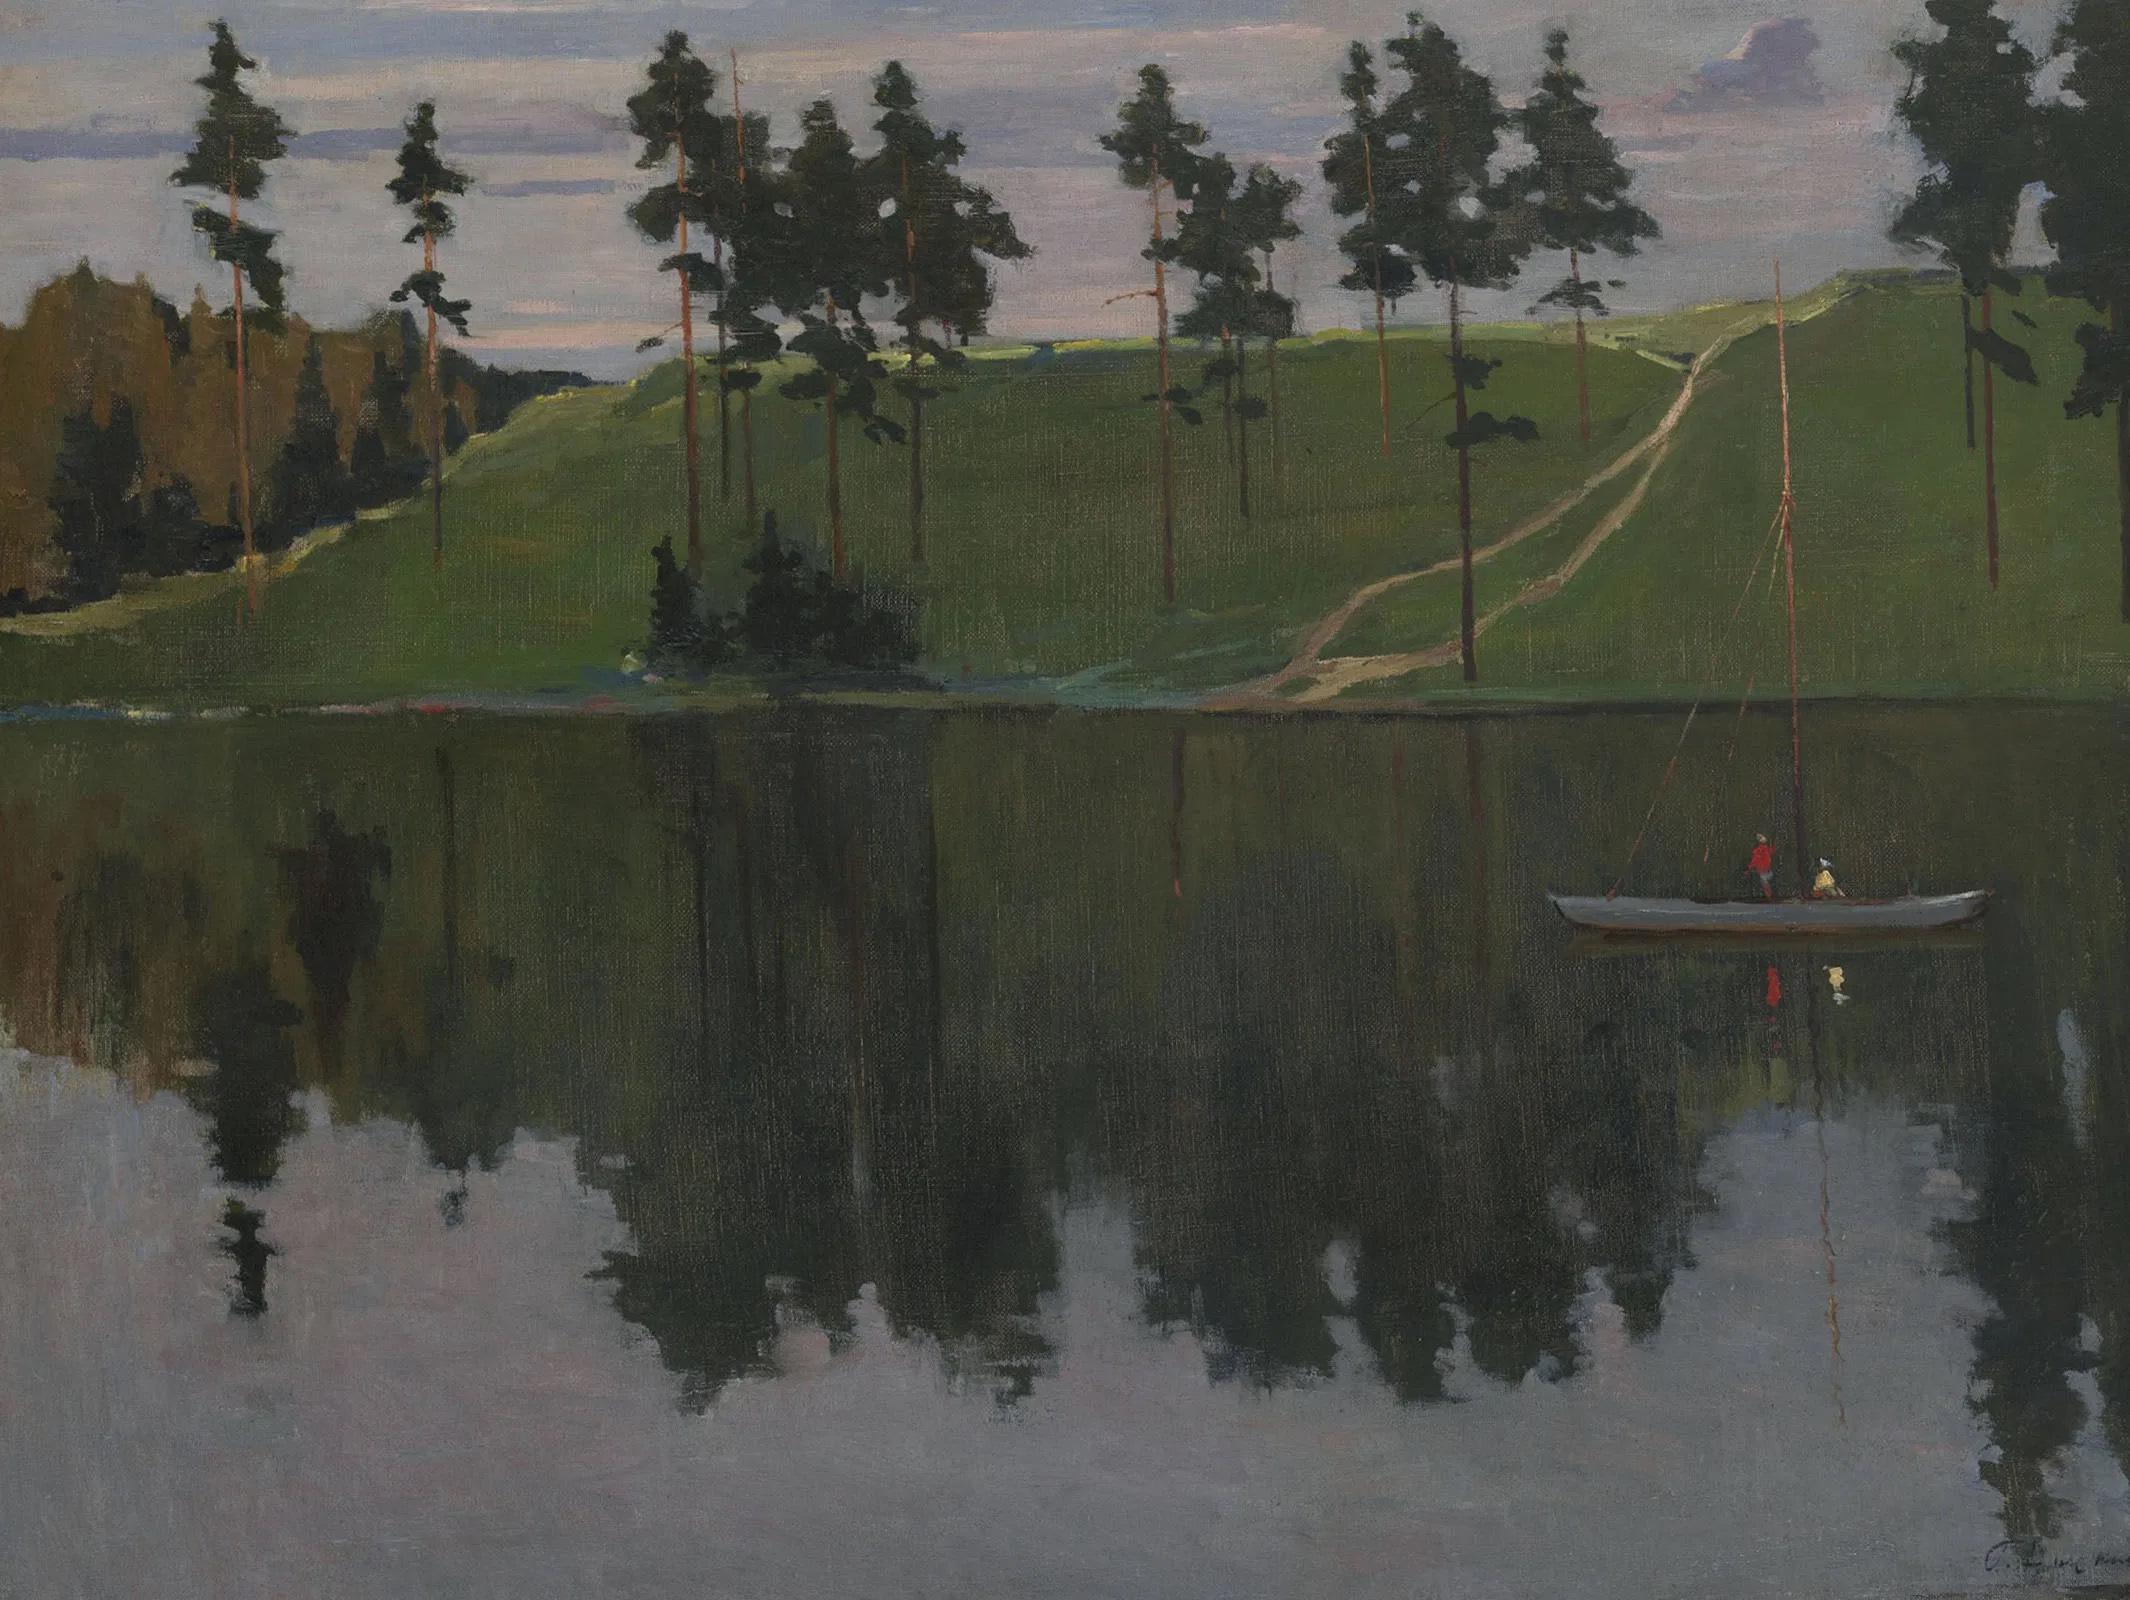 иллюстрация к картине Нисского На лодке. Вечер